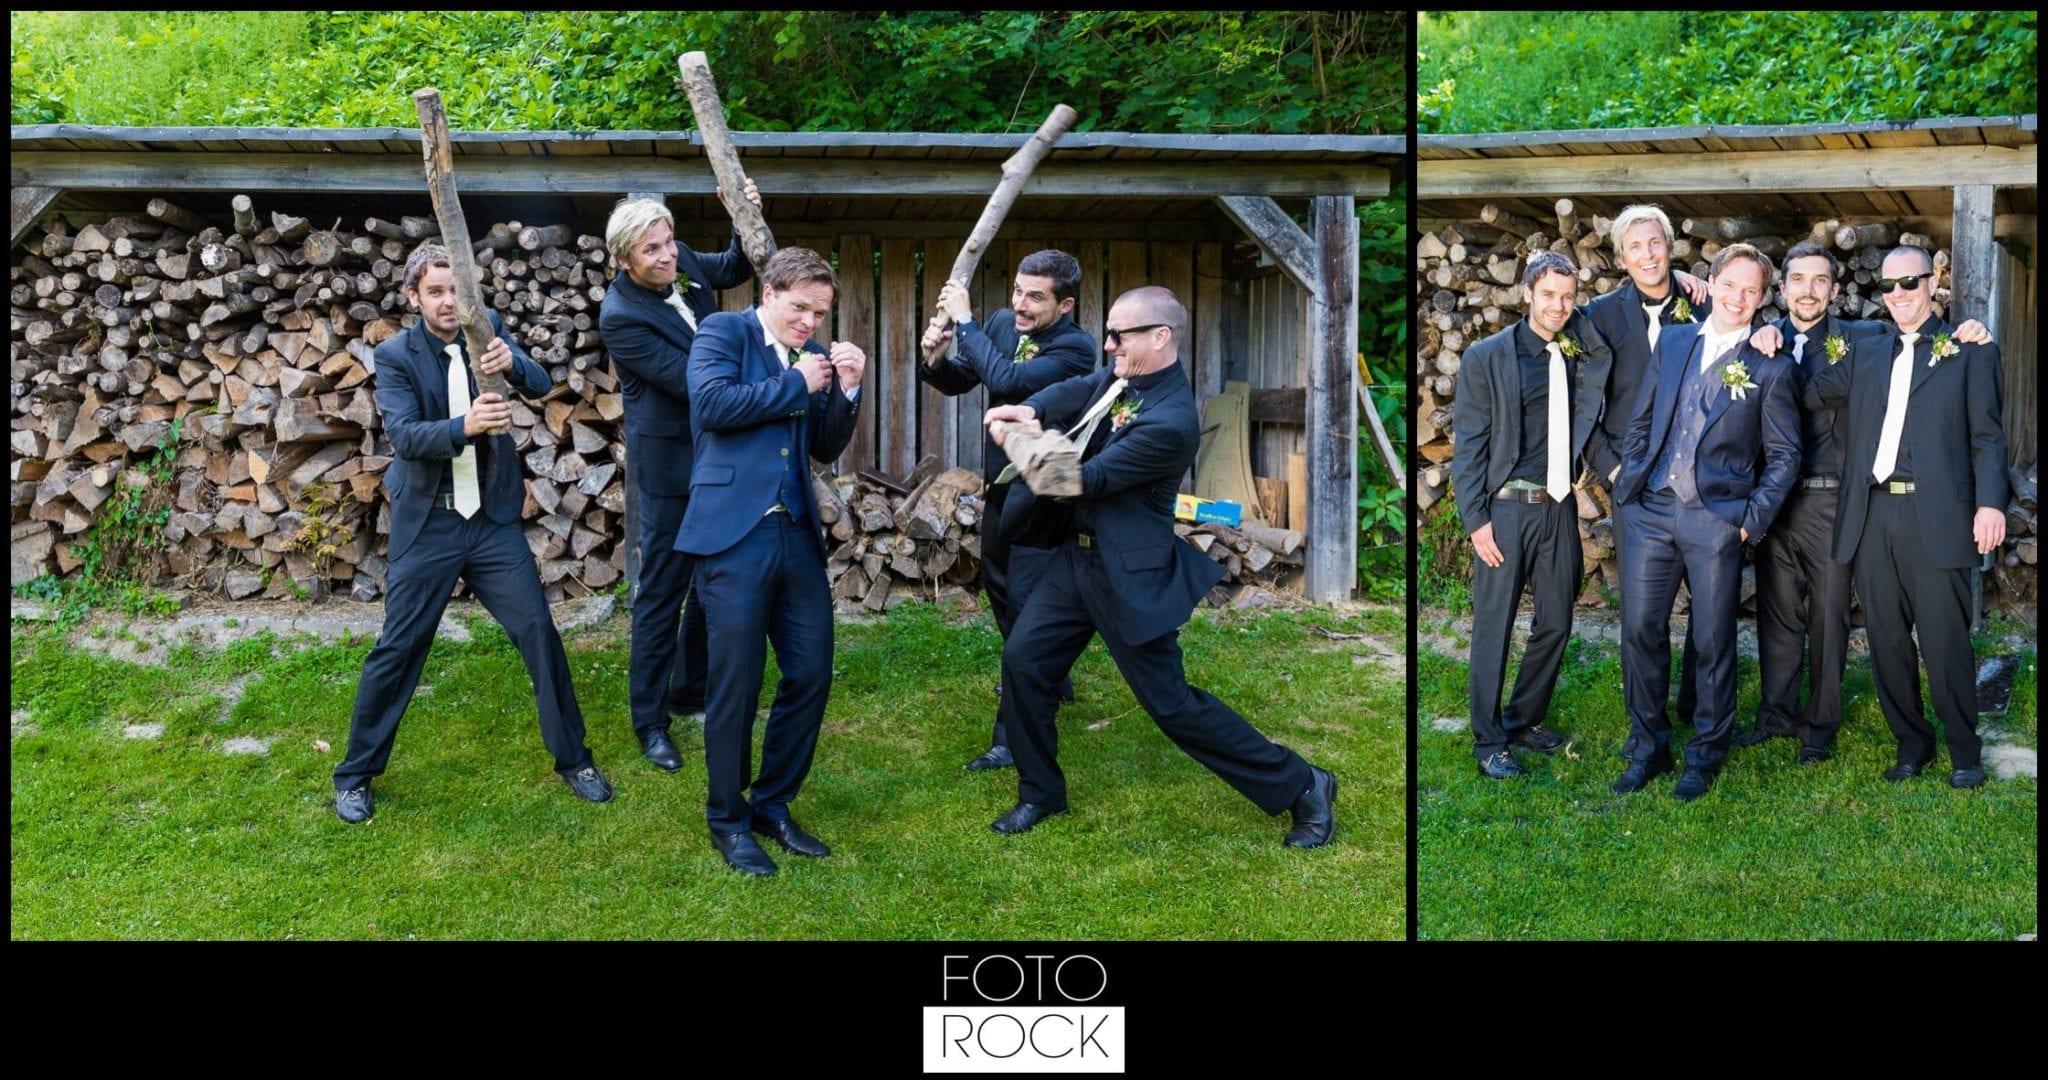 Hochzeit Lilienhof Ihringen Bräutigam Trauzeugen Best Men